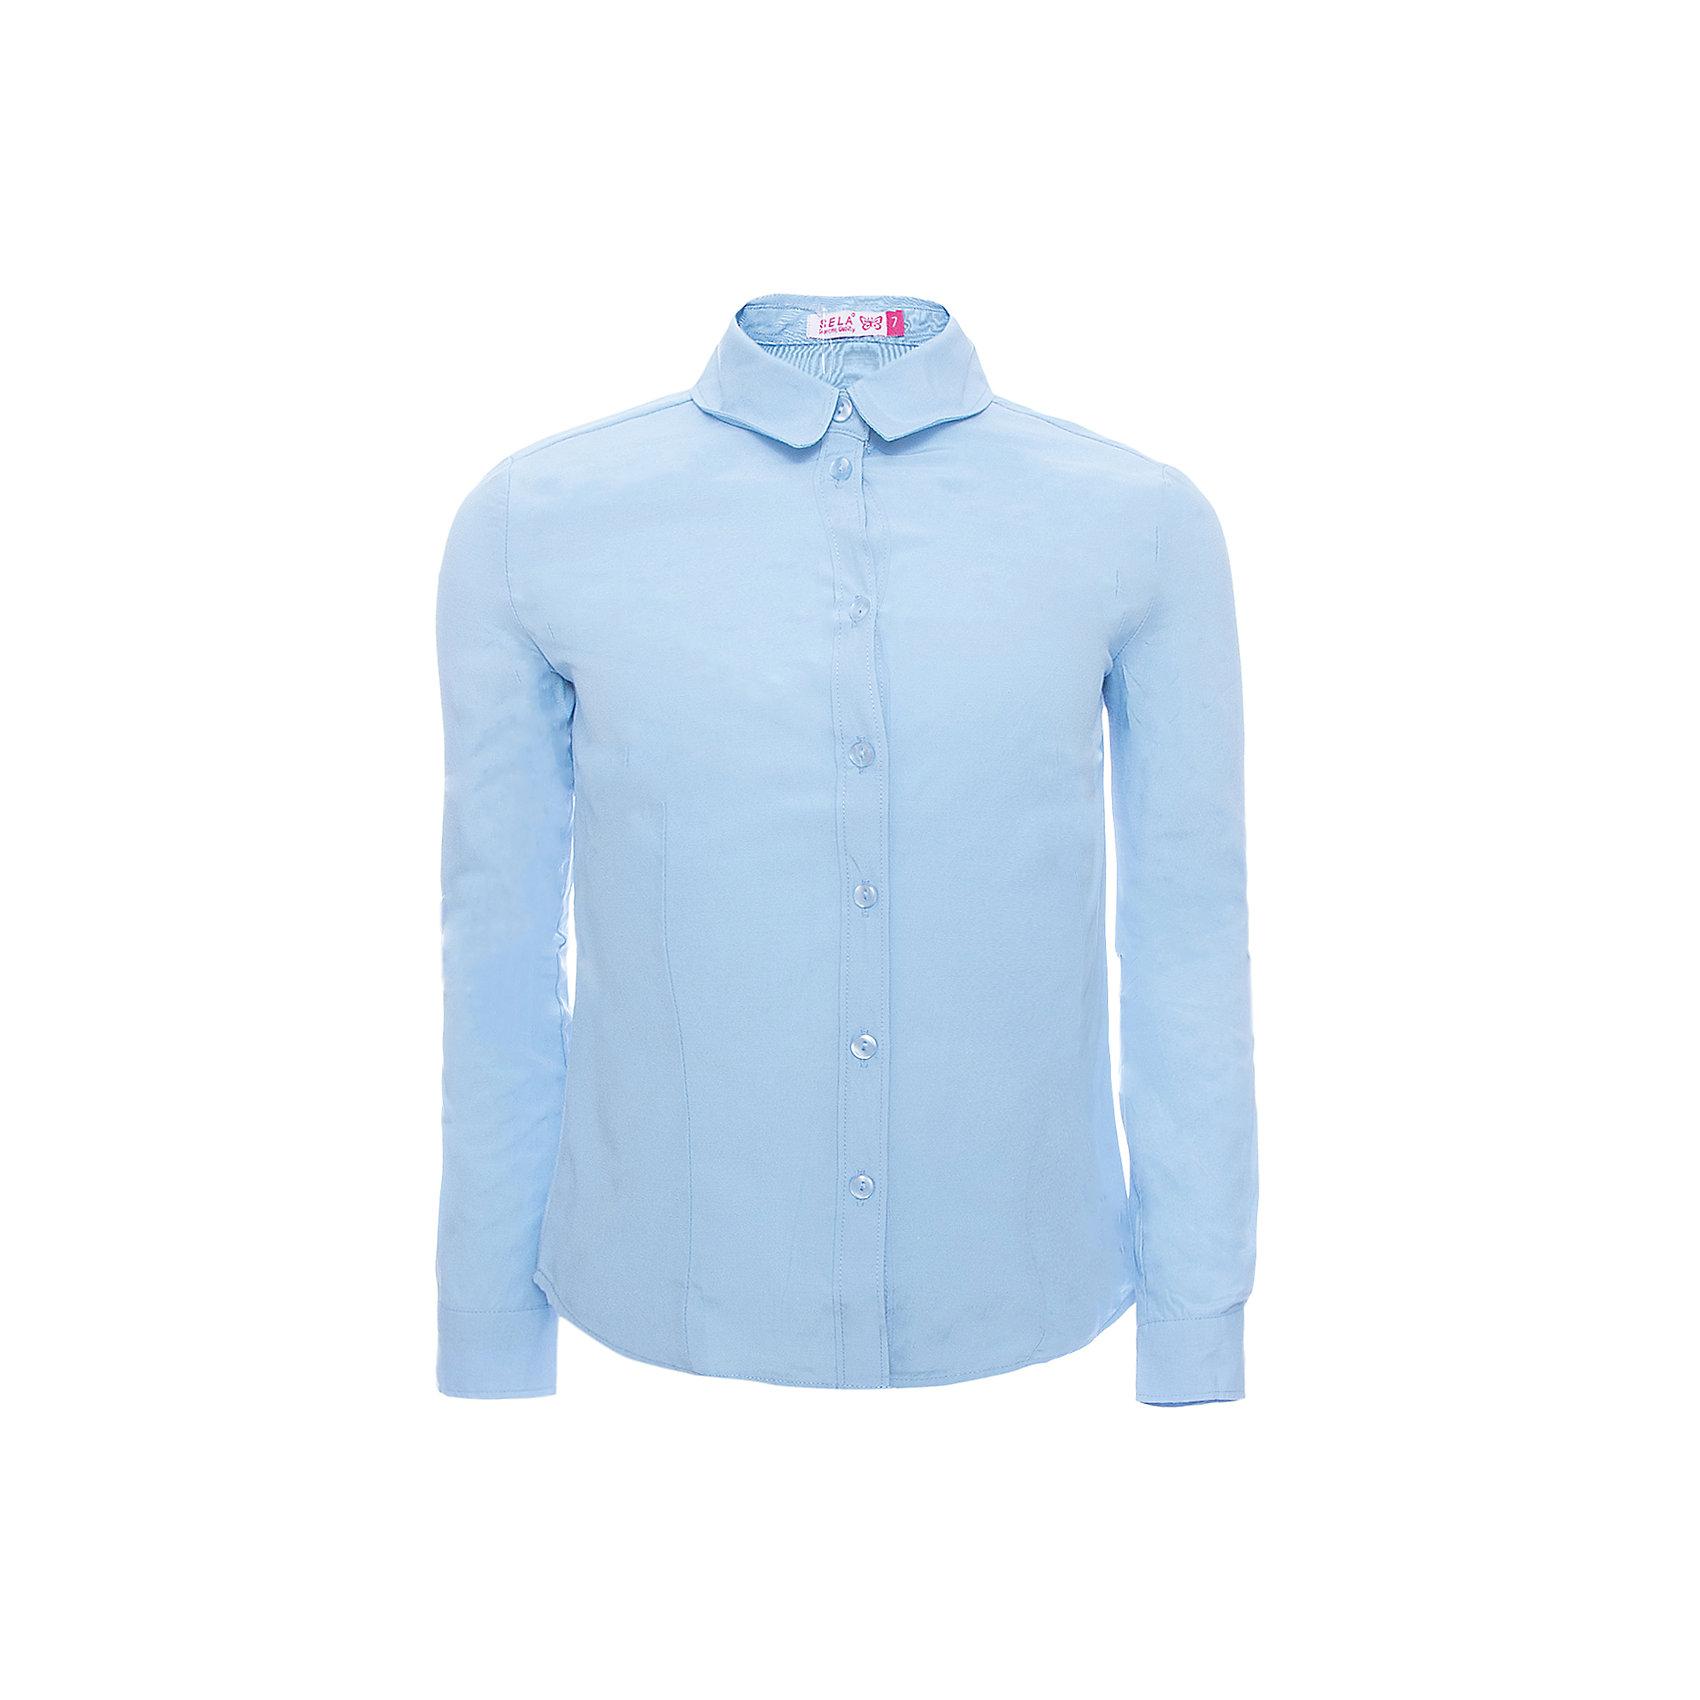 Блуза SELA для девочкиБлузки и рубашки<br>Характеристики товара:<br><br>• цвет: фиолетовый<br>• состав ткани: 55% хлопок, 45% полиэстер<br>• сезон: демисезон<br>• особенности модели: школьная<br>• застежка: пуговицы<br>• длинные рукава<br>• страна бренда: Россия<br>• страна производства: Китай<br><br>Такая блузка для девочки отличается классическим дизайном. Легкая блуза для девочки - базовая вещь для гардероба. Такая блуза для ребенка сшита из легкого хлопкового материала. Модели от Sela стильные и удобные, как и эта детская блуза. <br><br>Блузу для девочки Sela (Села) можно купить в нашем интернет-магазине.<br><br>Ширина мм: 186<br>Глубина мм: 87<br>Высота мм: 198<br>Вес г: 197<br>Цвет: лиловый<br>Возраст от месяцев: 84<br>Возраст до месяцев: 96<br>Пол: Женский<br>Возраст: Детский<br>Размер: 128,164,122,134,140,146,152<br>SKU: 7032256